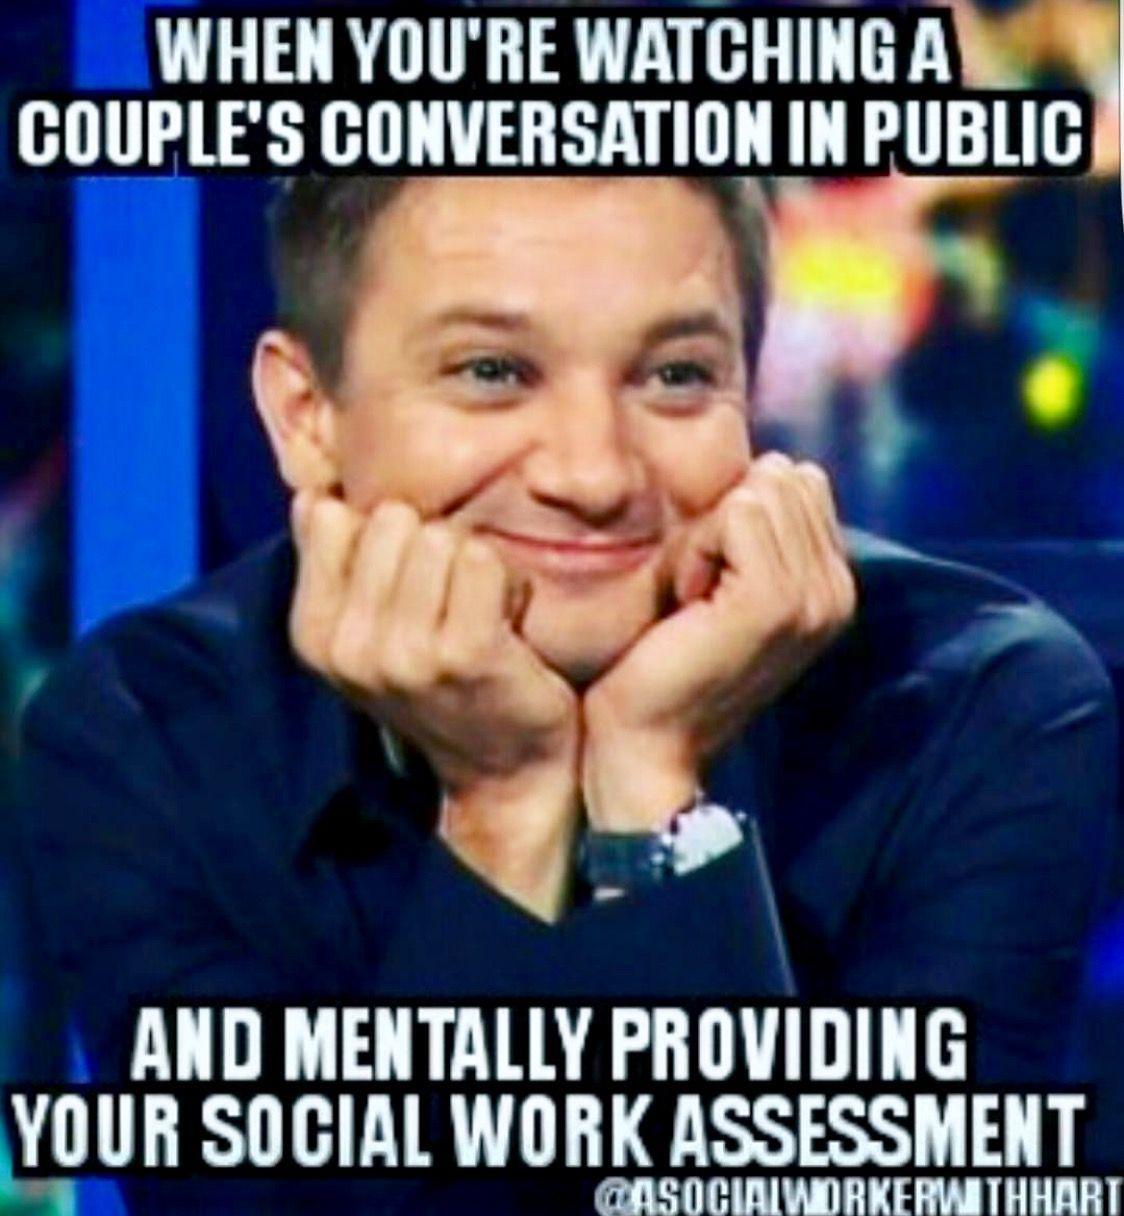 Pin By Theresa Palo On 2020 In 2020 Work Jokes Work Humor Work Memes